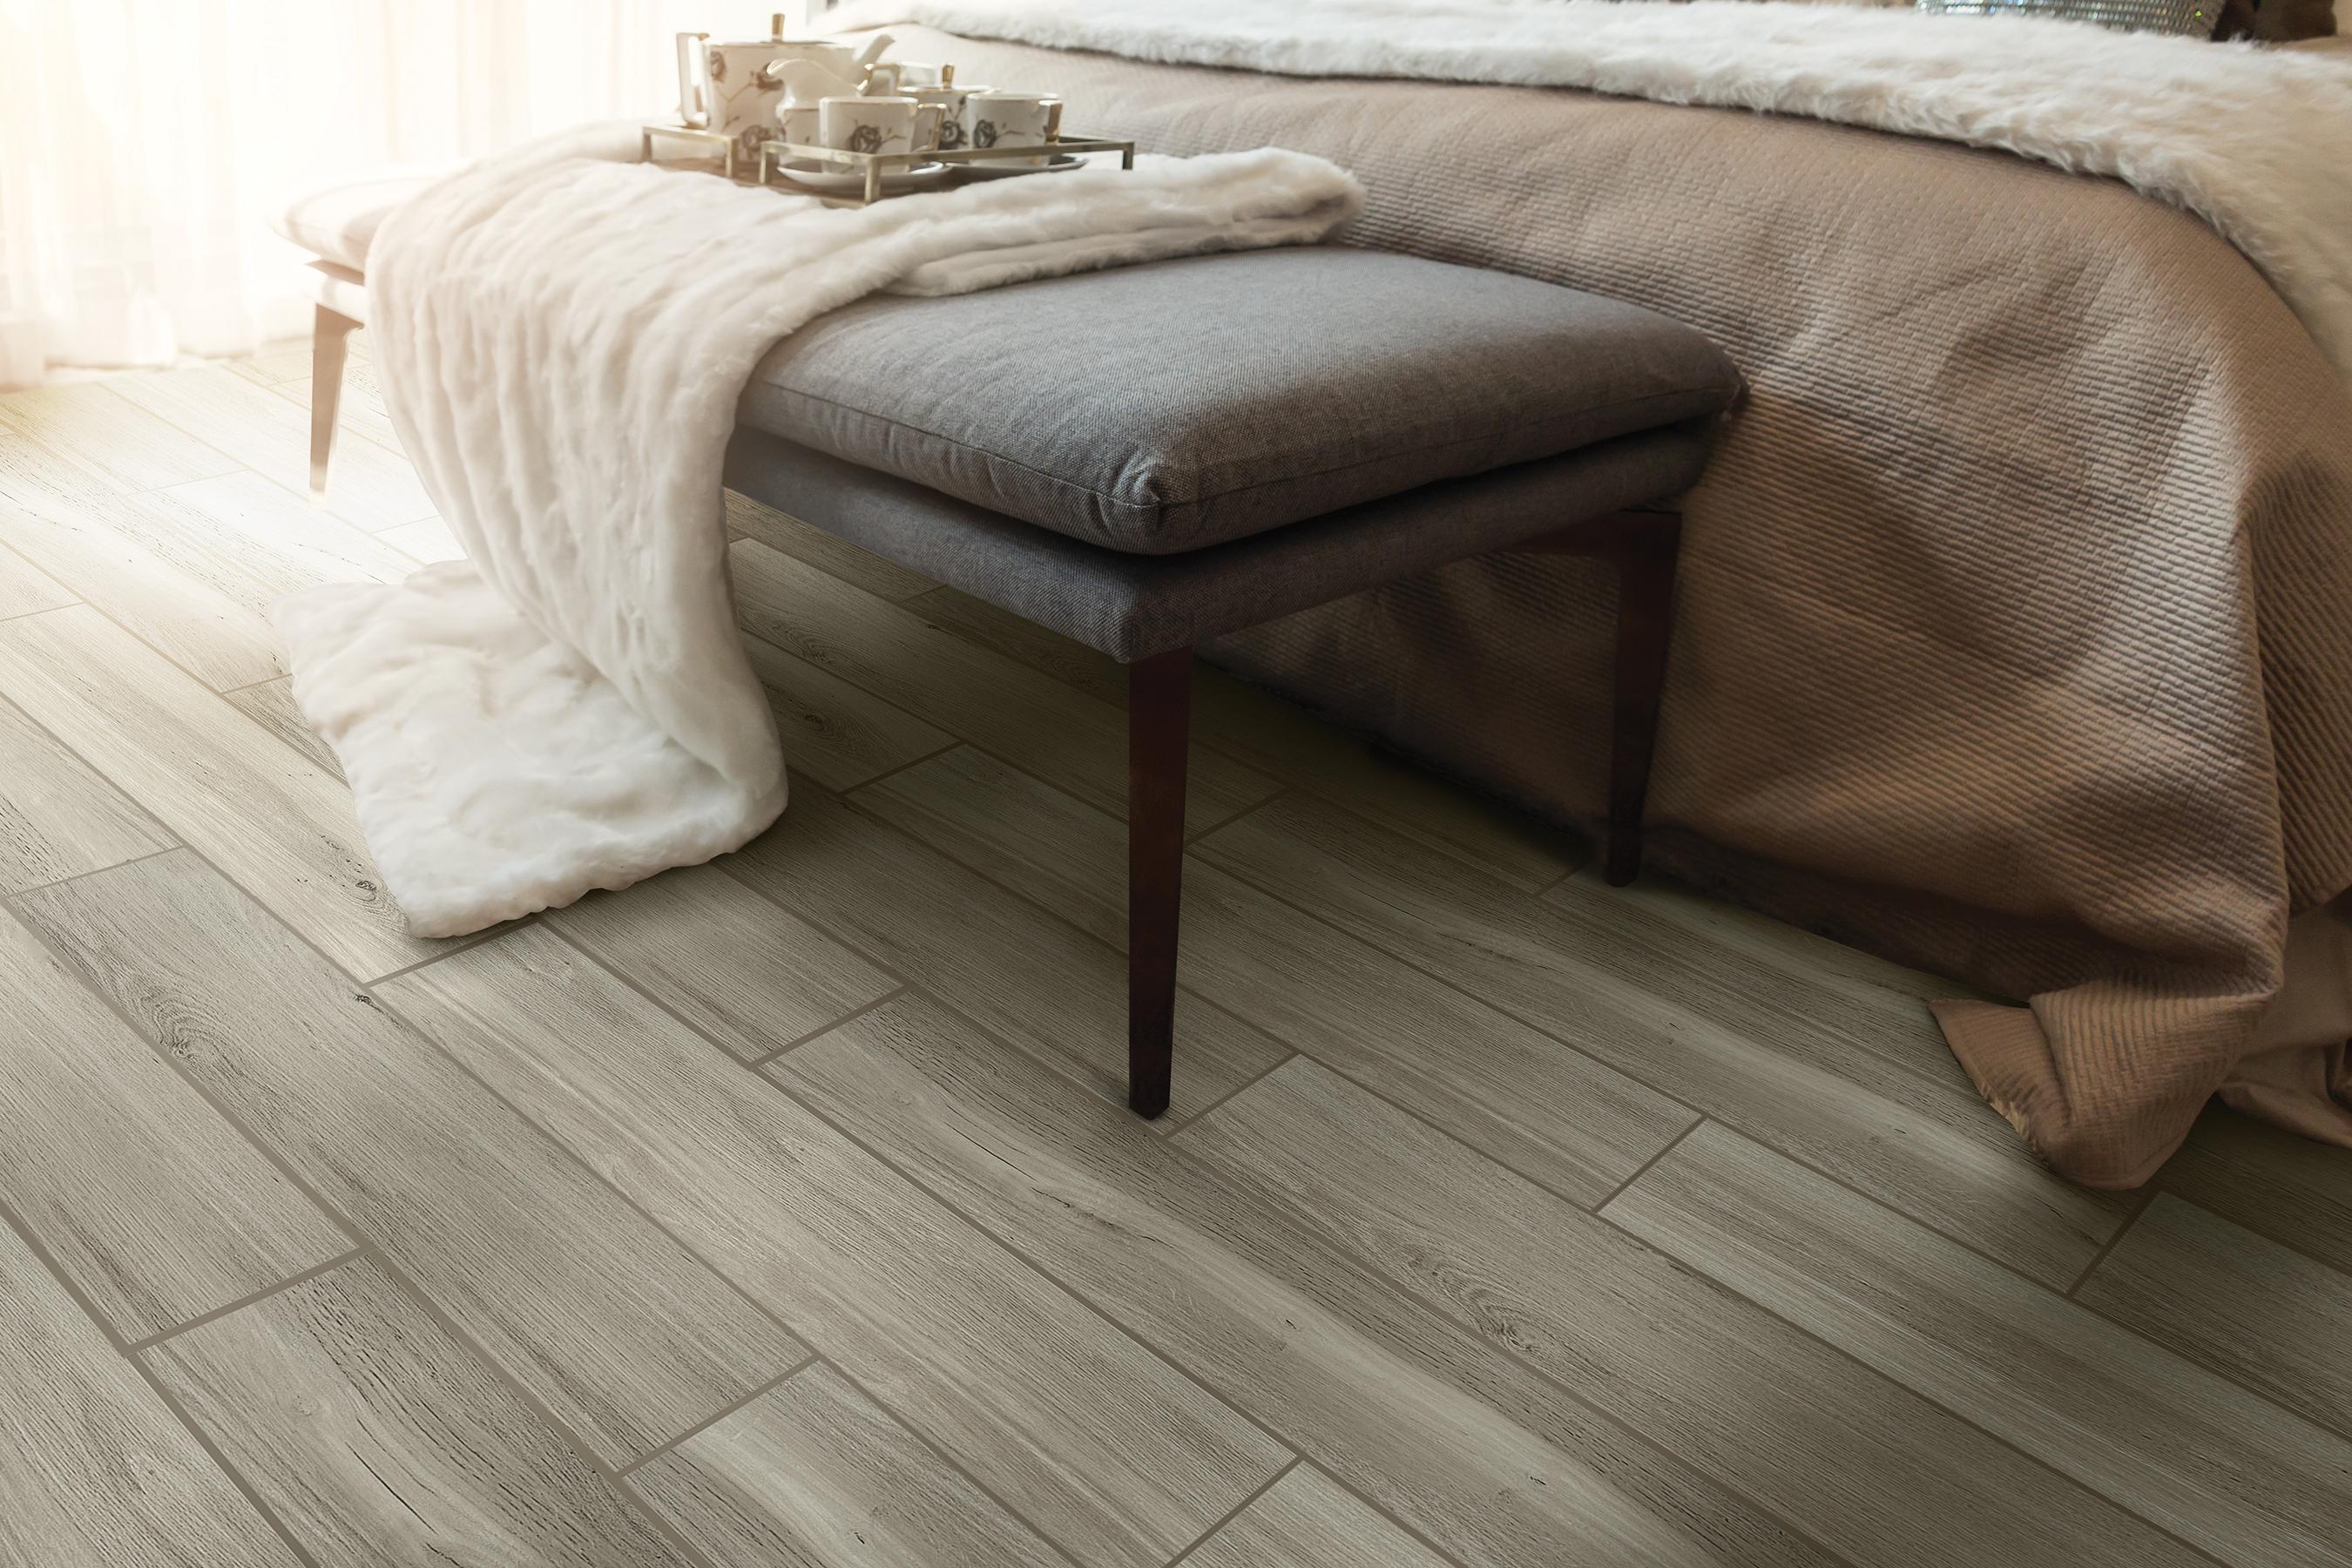 Daltile Introduces Porcelain Tile Floating Floor System Builder